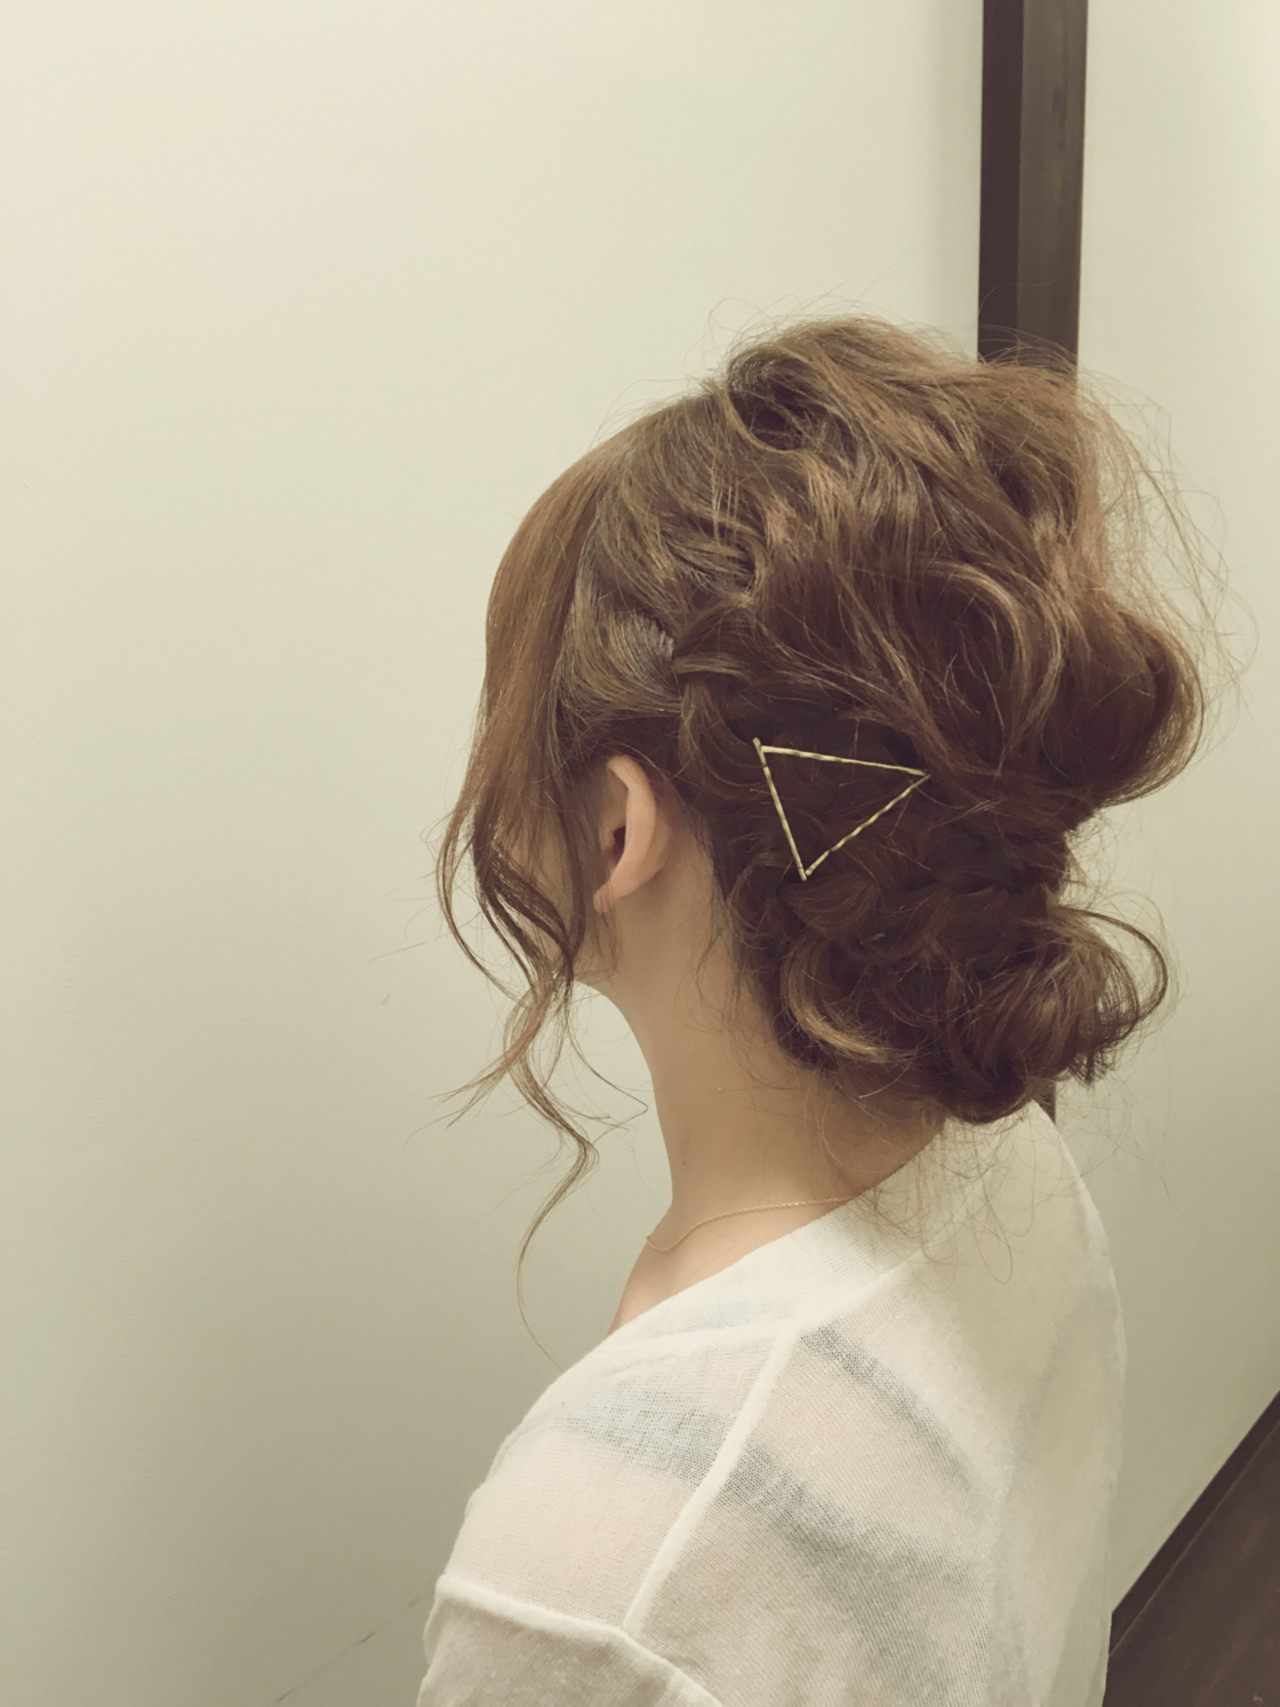 ヘアピン ヘアアレンジ くせ毛風 ヘアアクセ ヘアスタイルや髪型の写真・画像